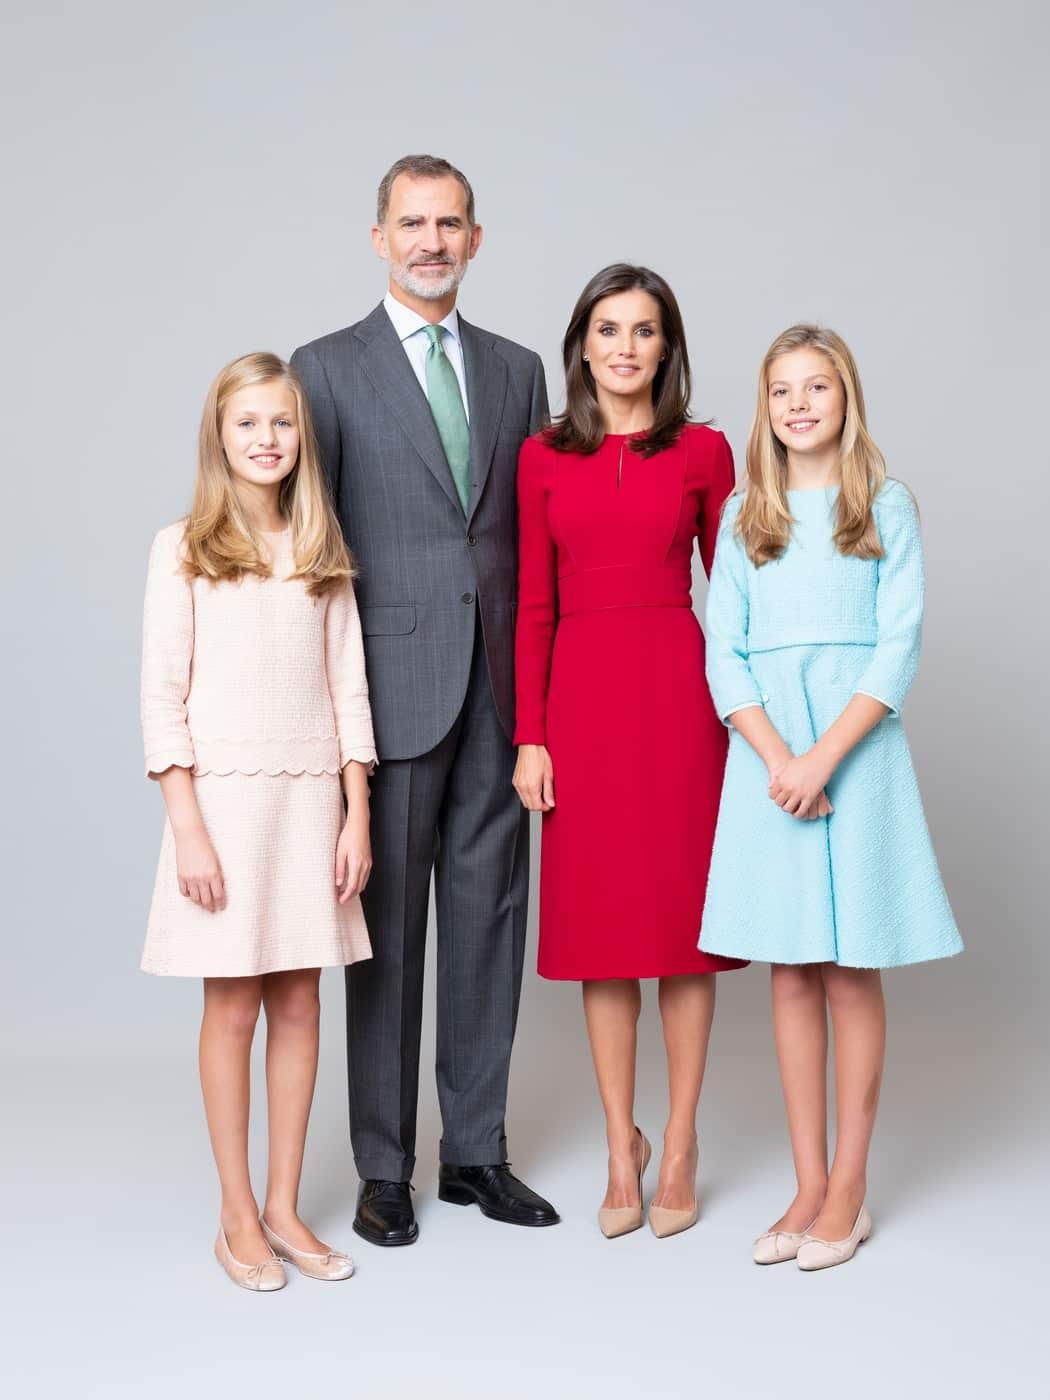 Prinzessin Leonor, König Felipe, Königin Letizia und Prinzessin Sofia von Spanien